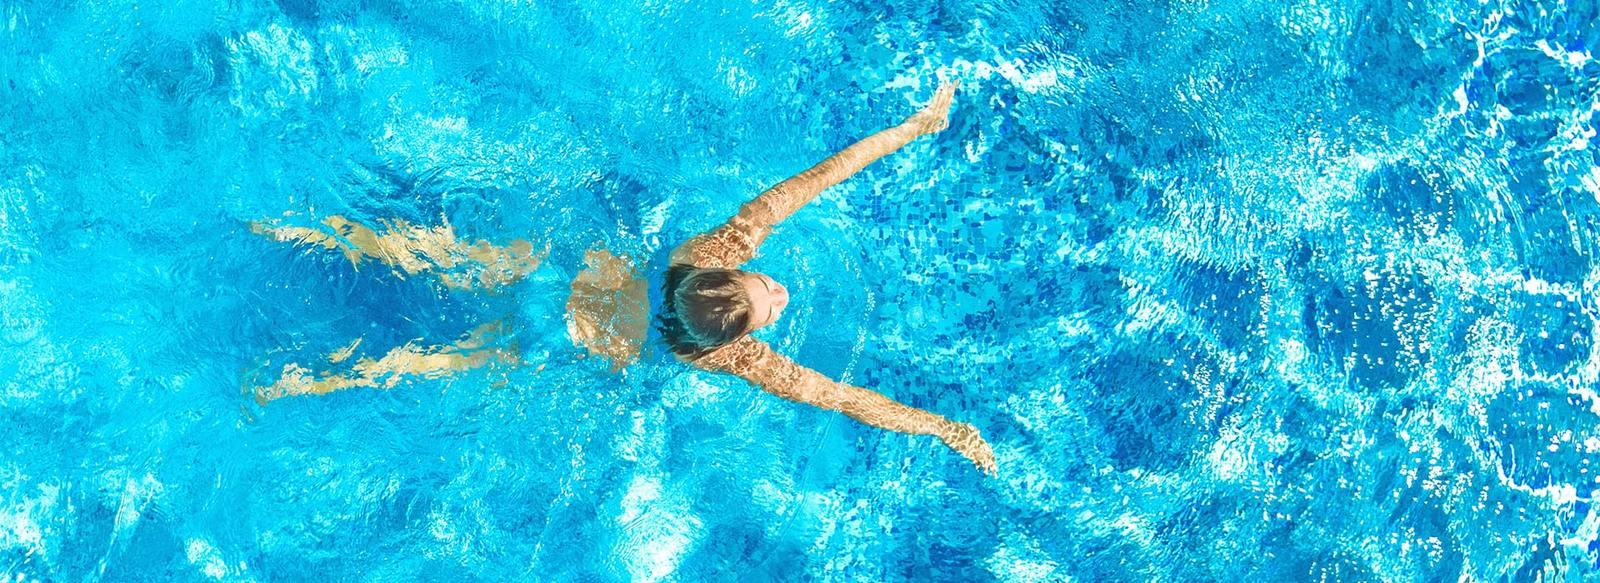 Wellness 4* a 150 metri dal centro di Montecatini